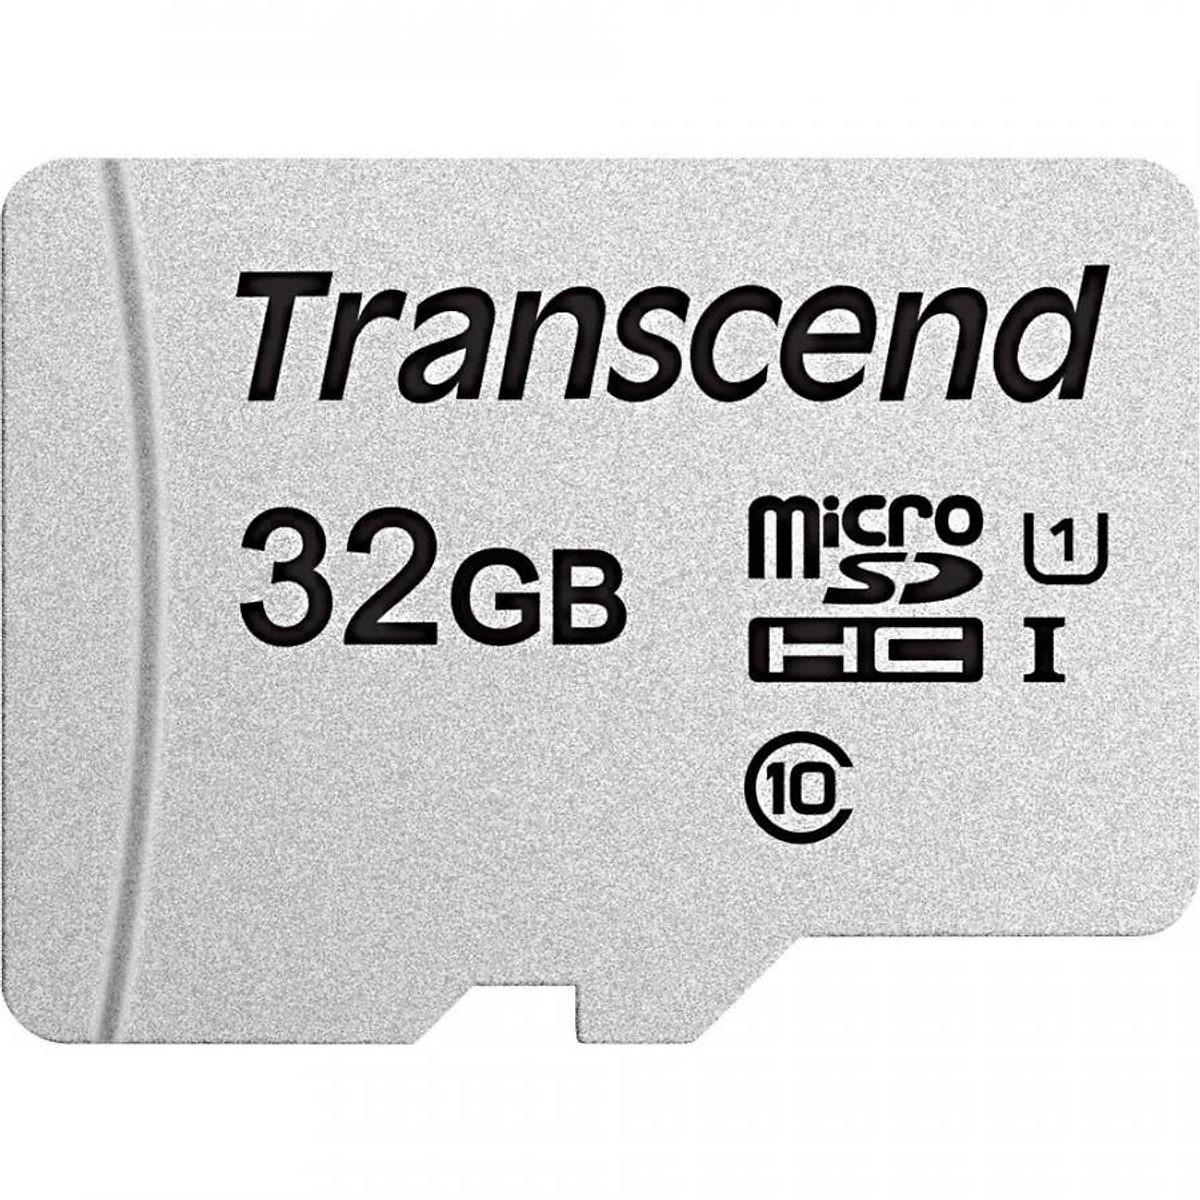 Transcend   Thẻ nhớ   Thẻ Nhớ Micro SD Transcend 32GB Class 10